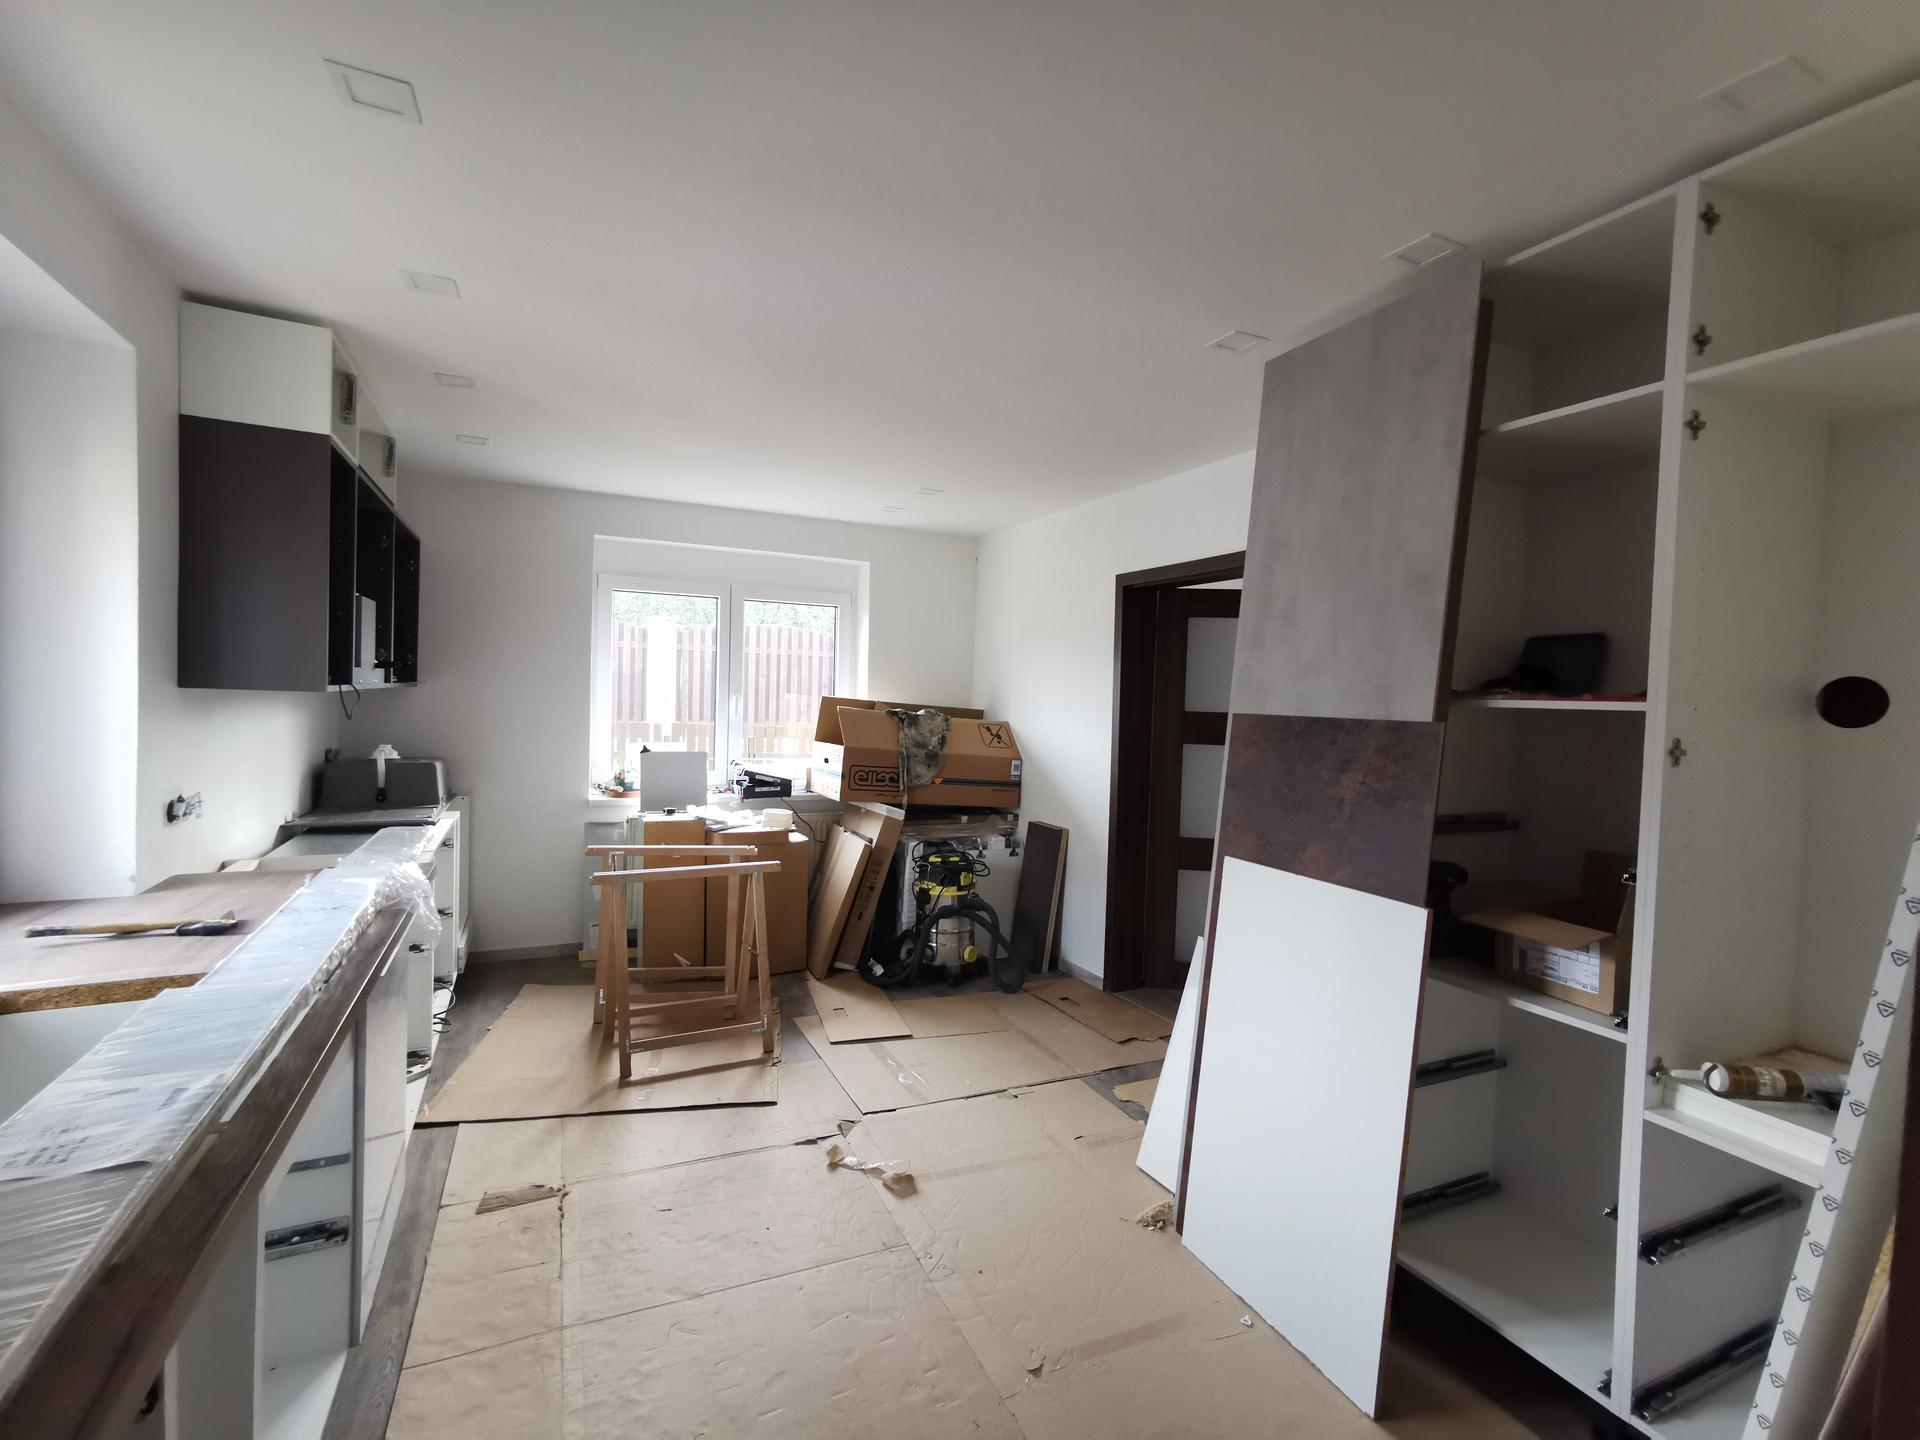 Kuchyně - rekonstrukce - Obrázek č. 28